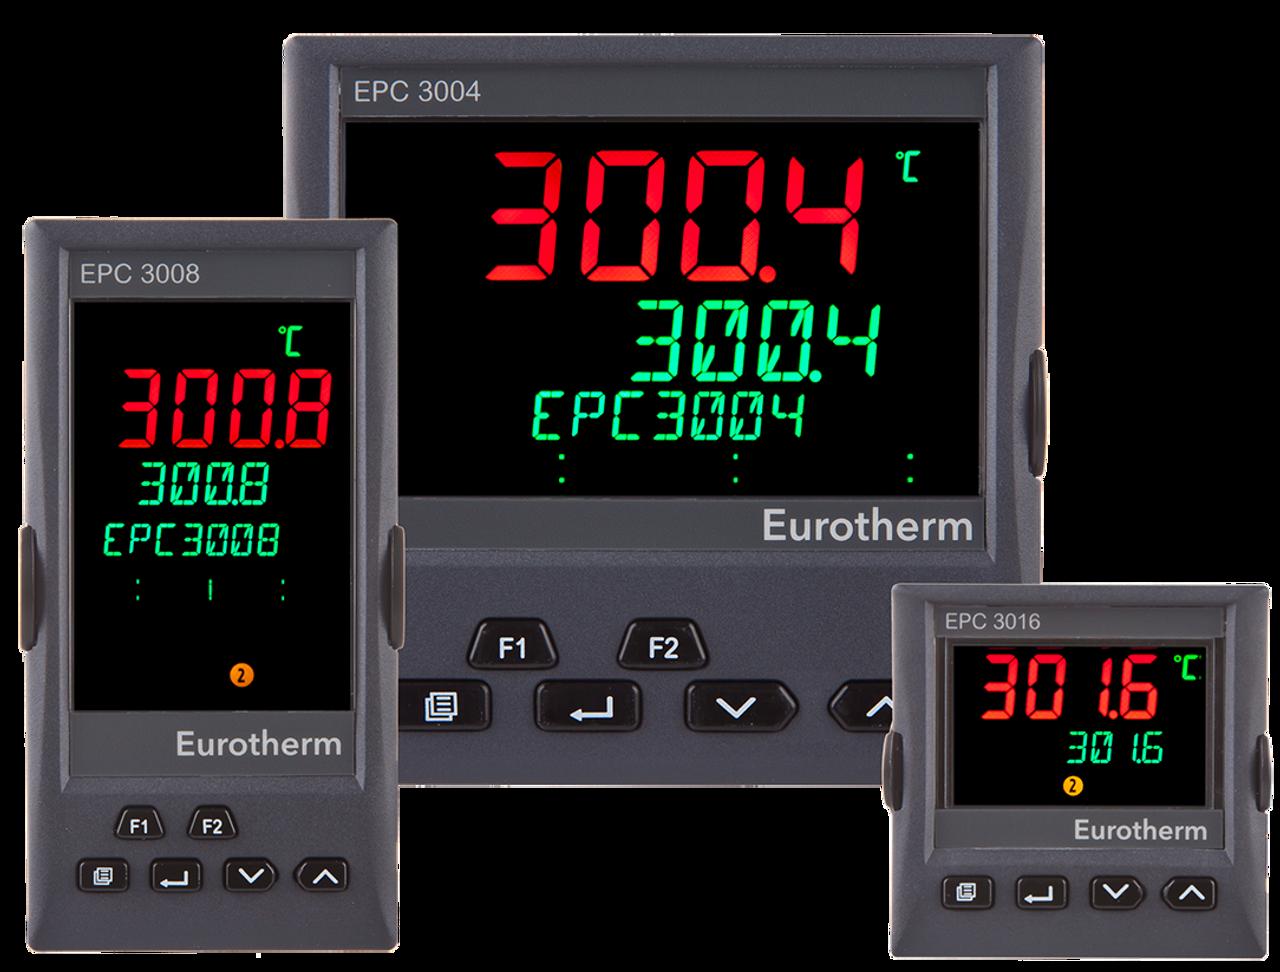 EPC3000 controls